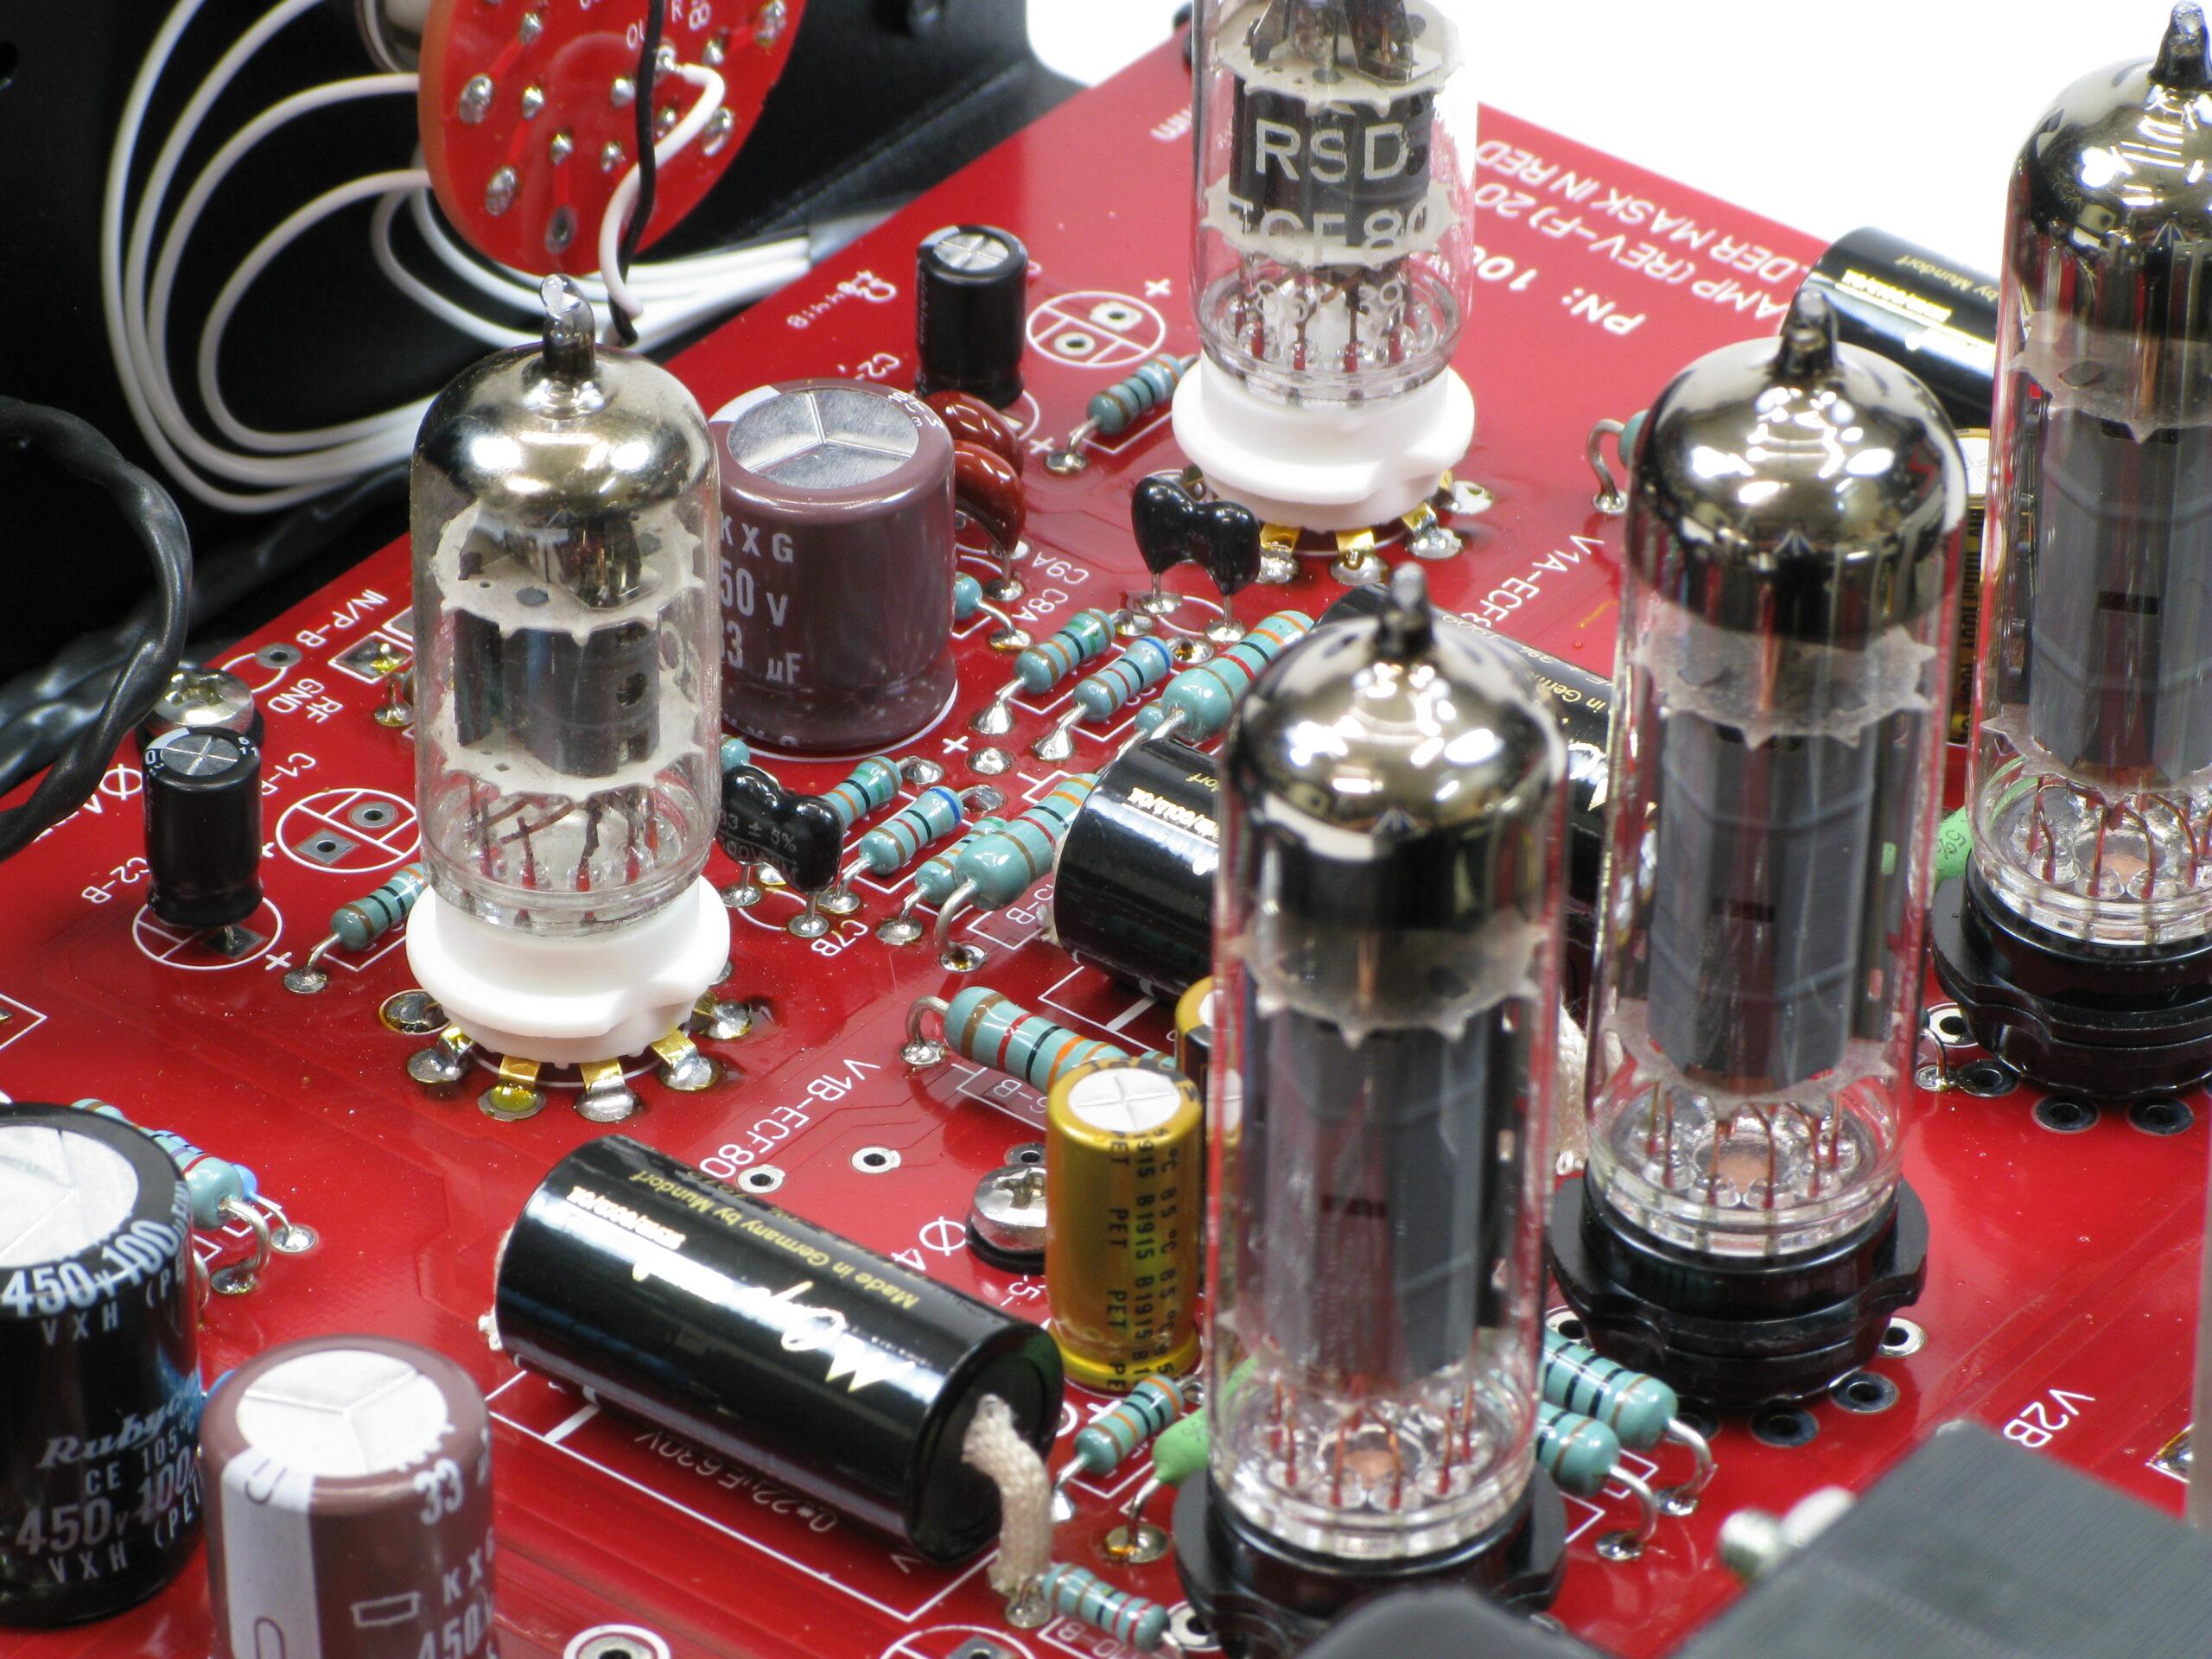 3 - EL84 Amps